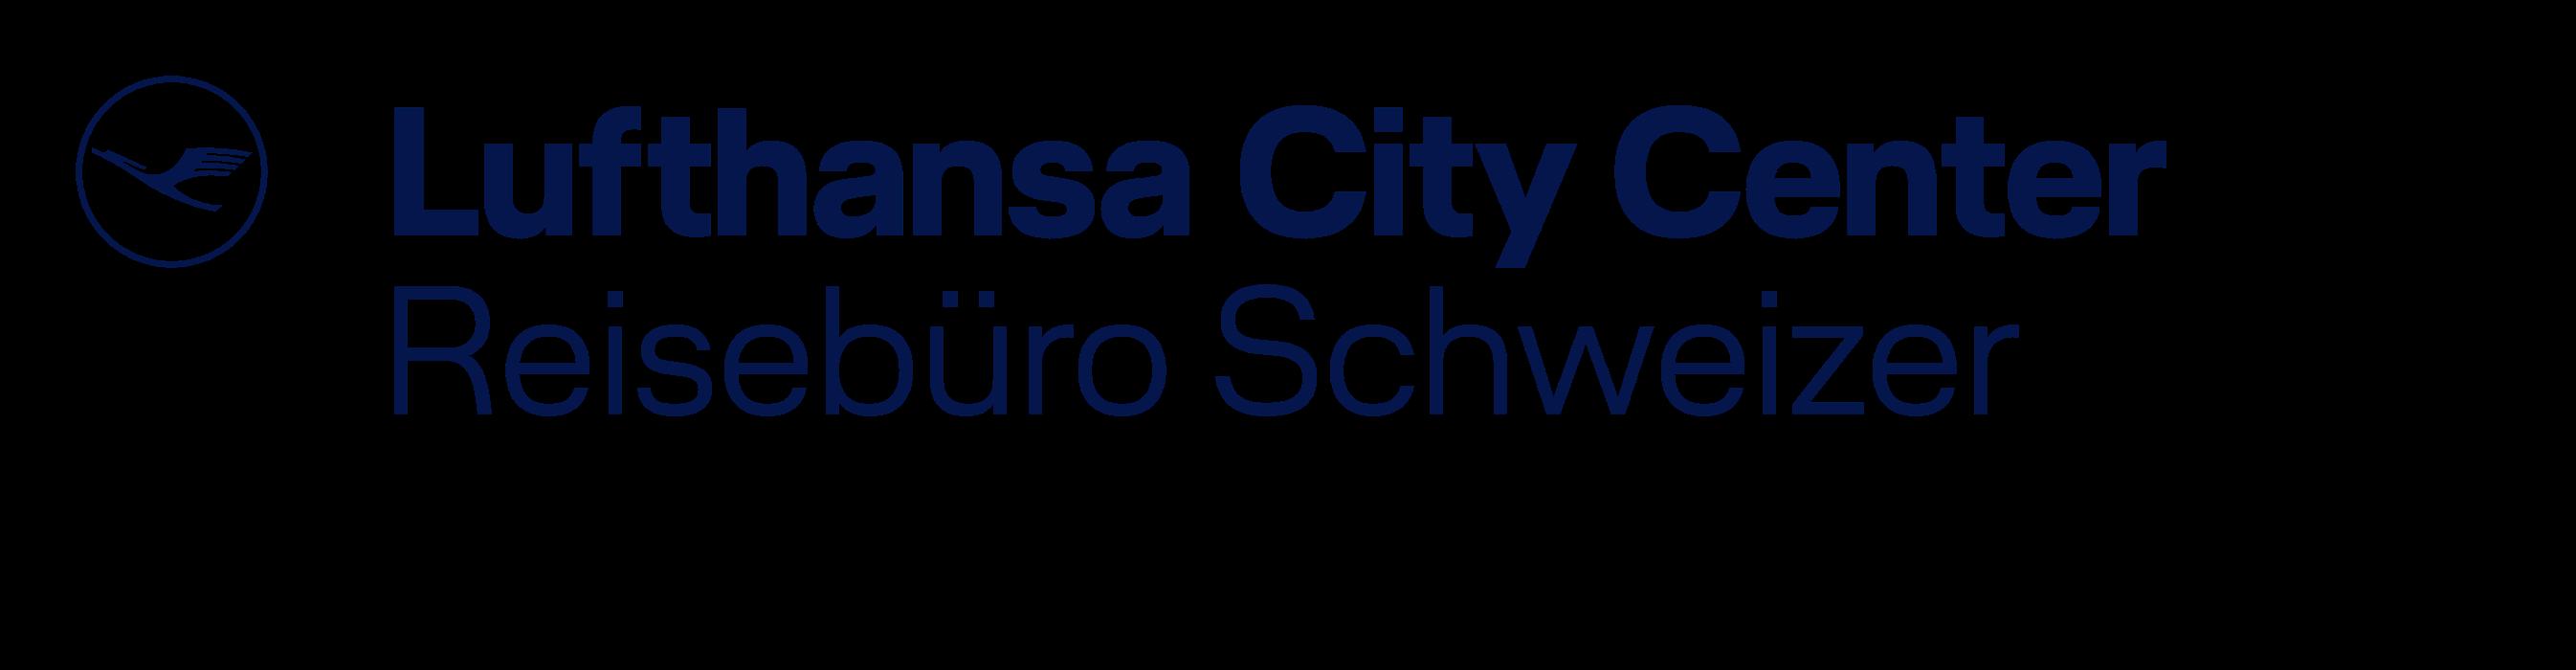 Bild zu Lufthansa City Center Reisebüro Schweizer in Stuttgart